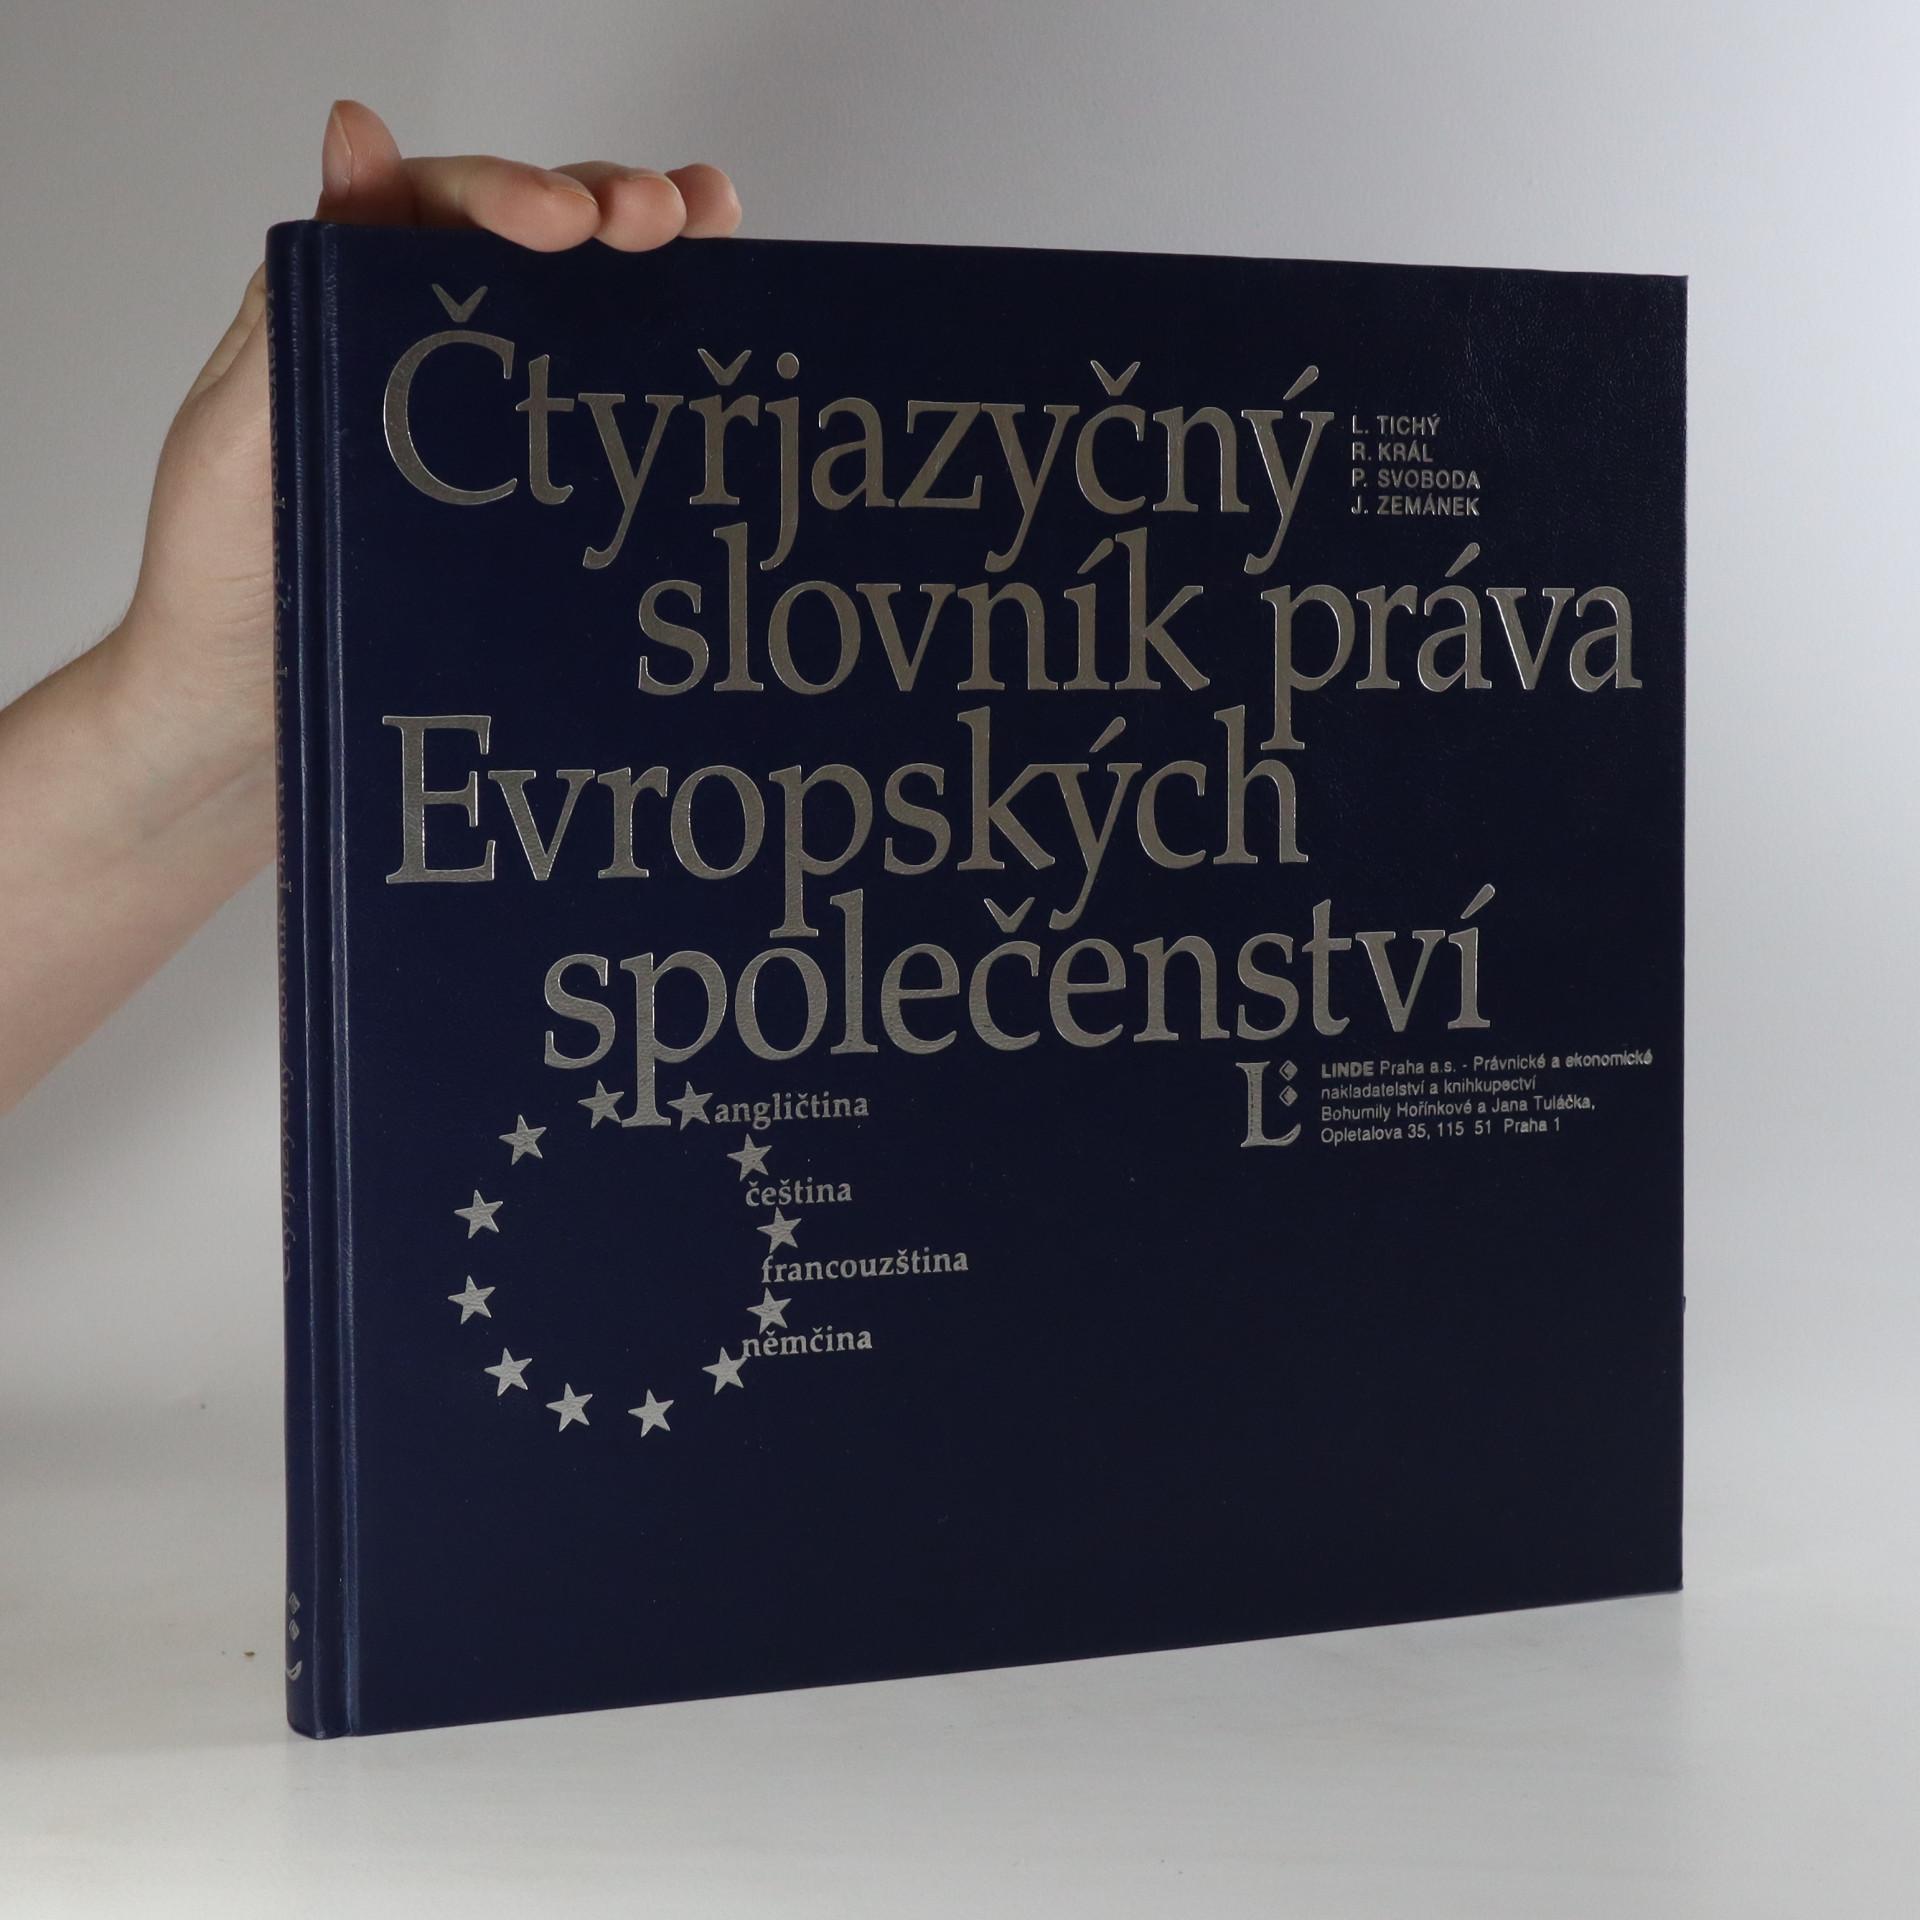 antikvární kniha Čtyřjazyčný slovník práva Evropských společenství, 1997